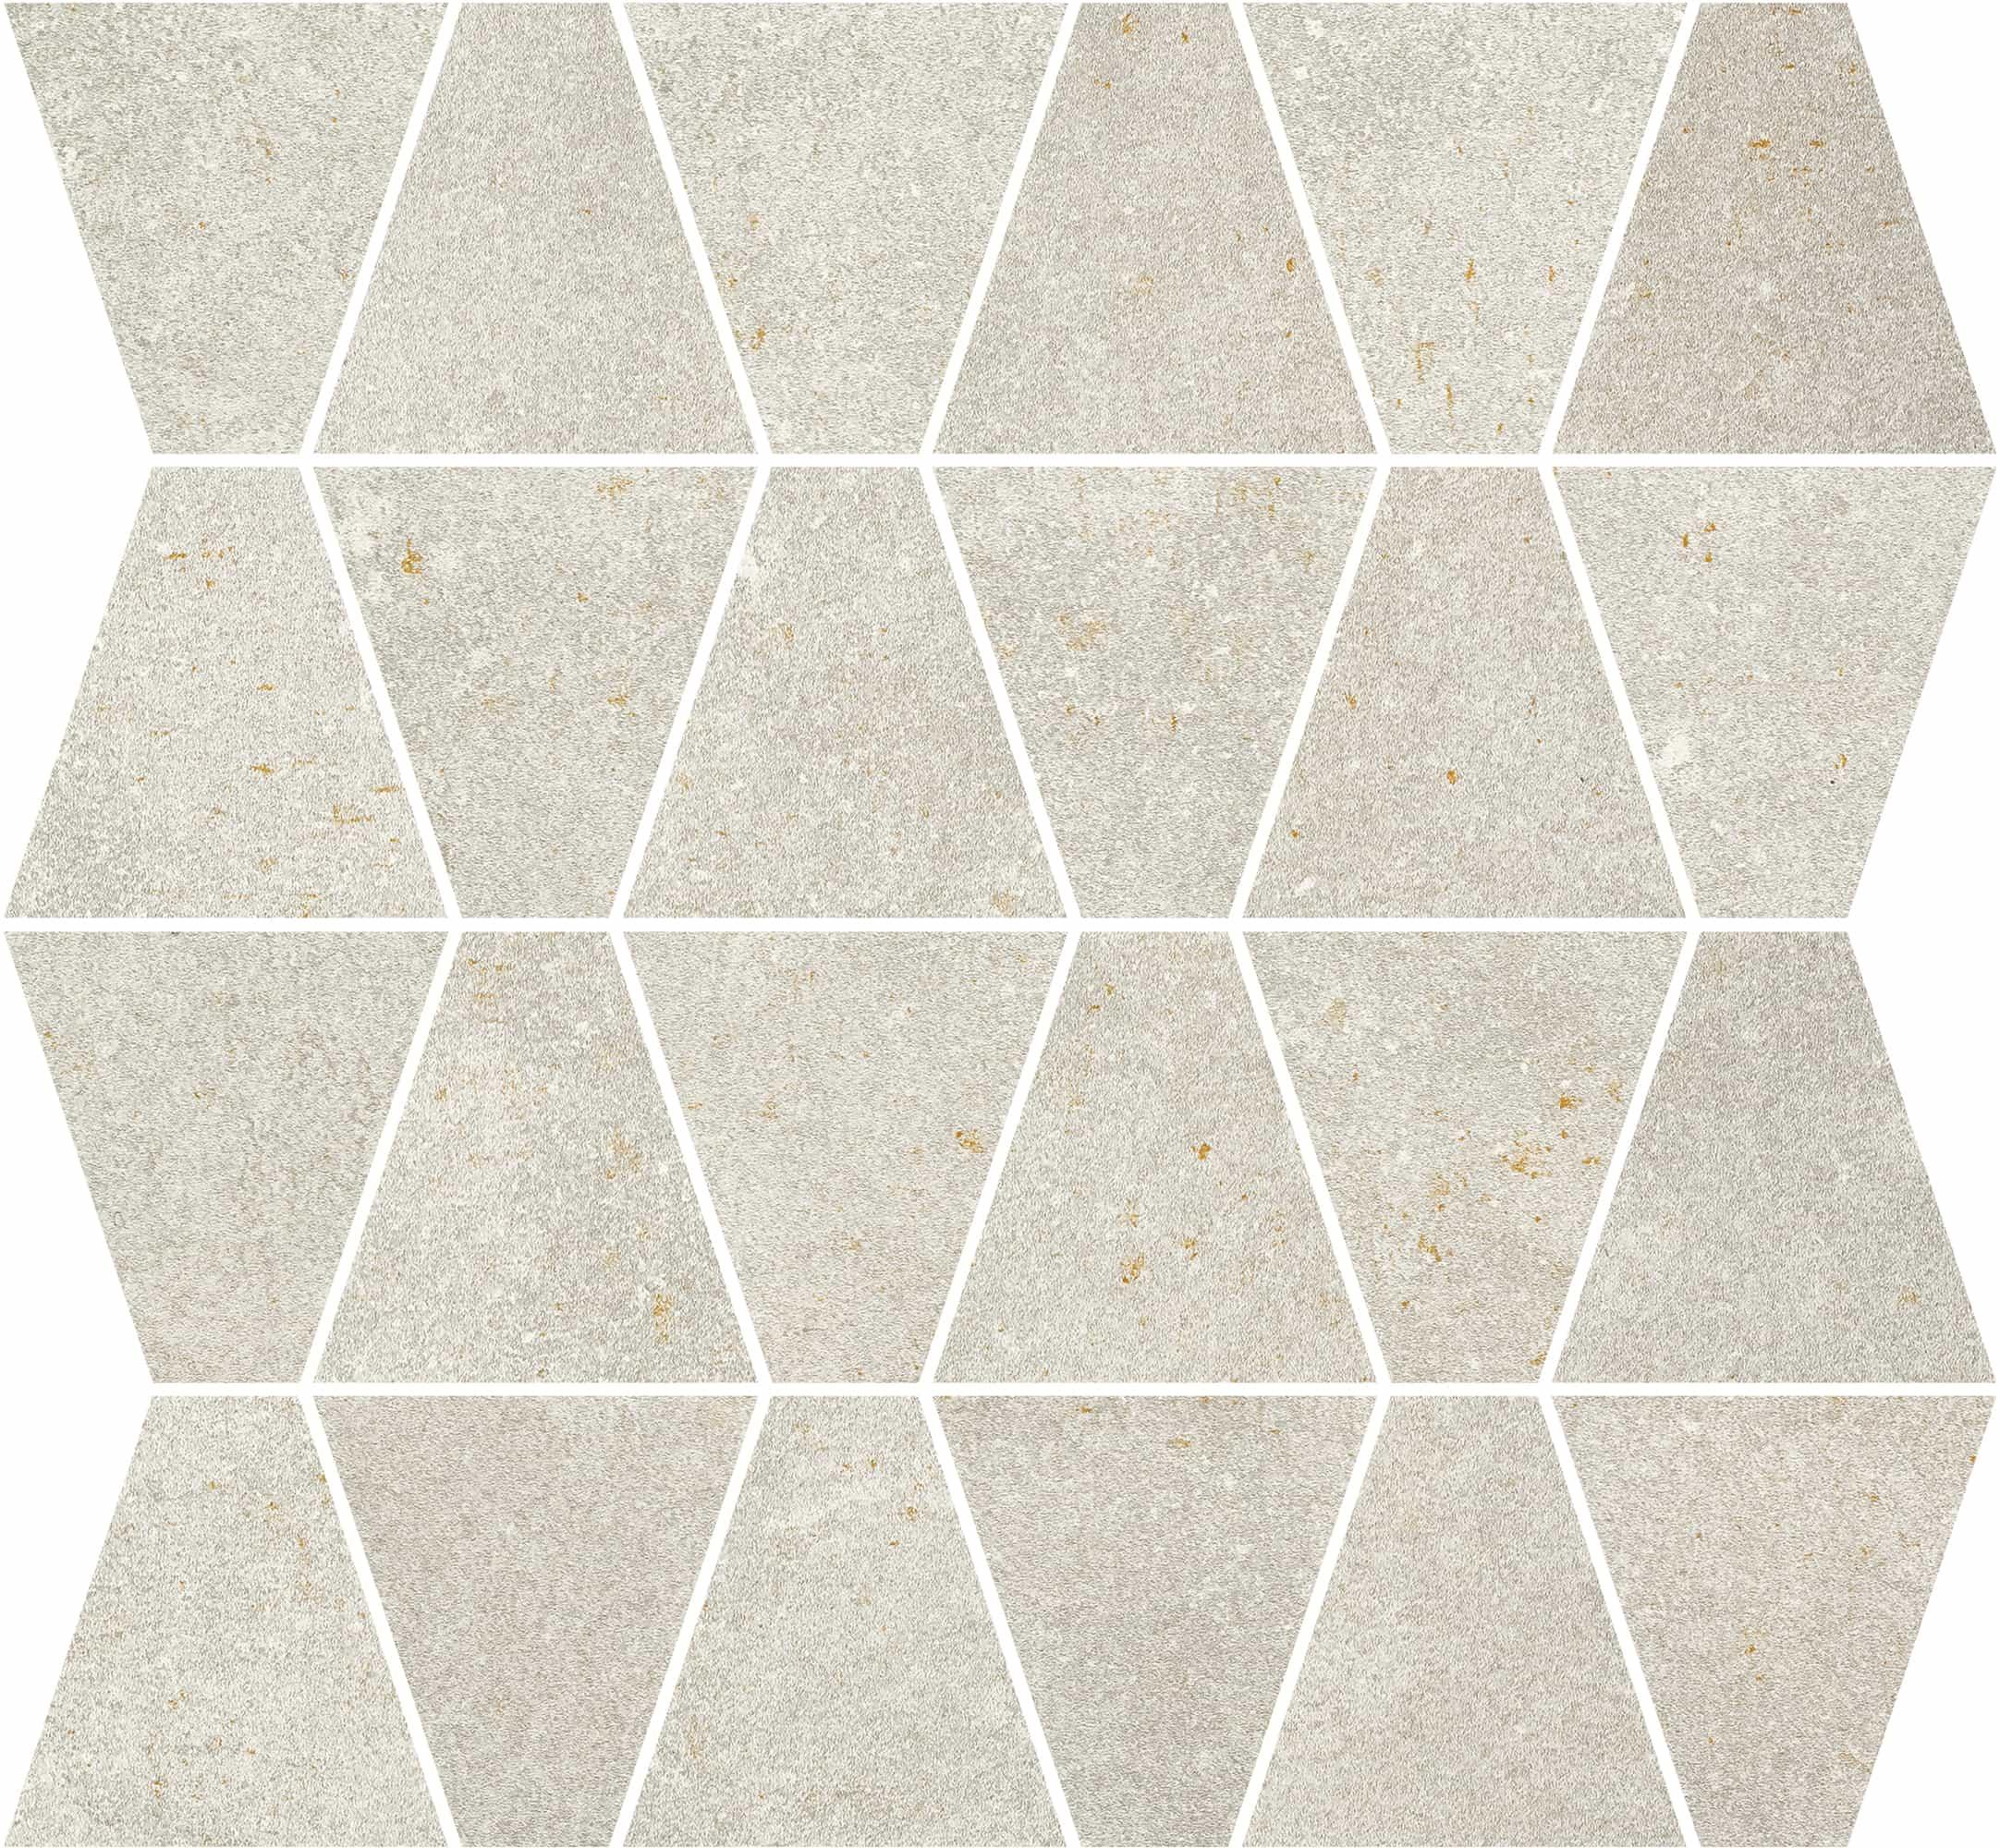 Mosaic Prism Steel